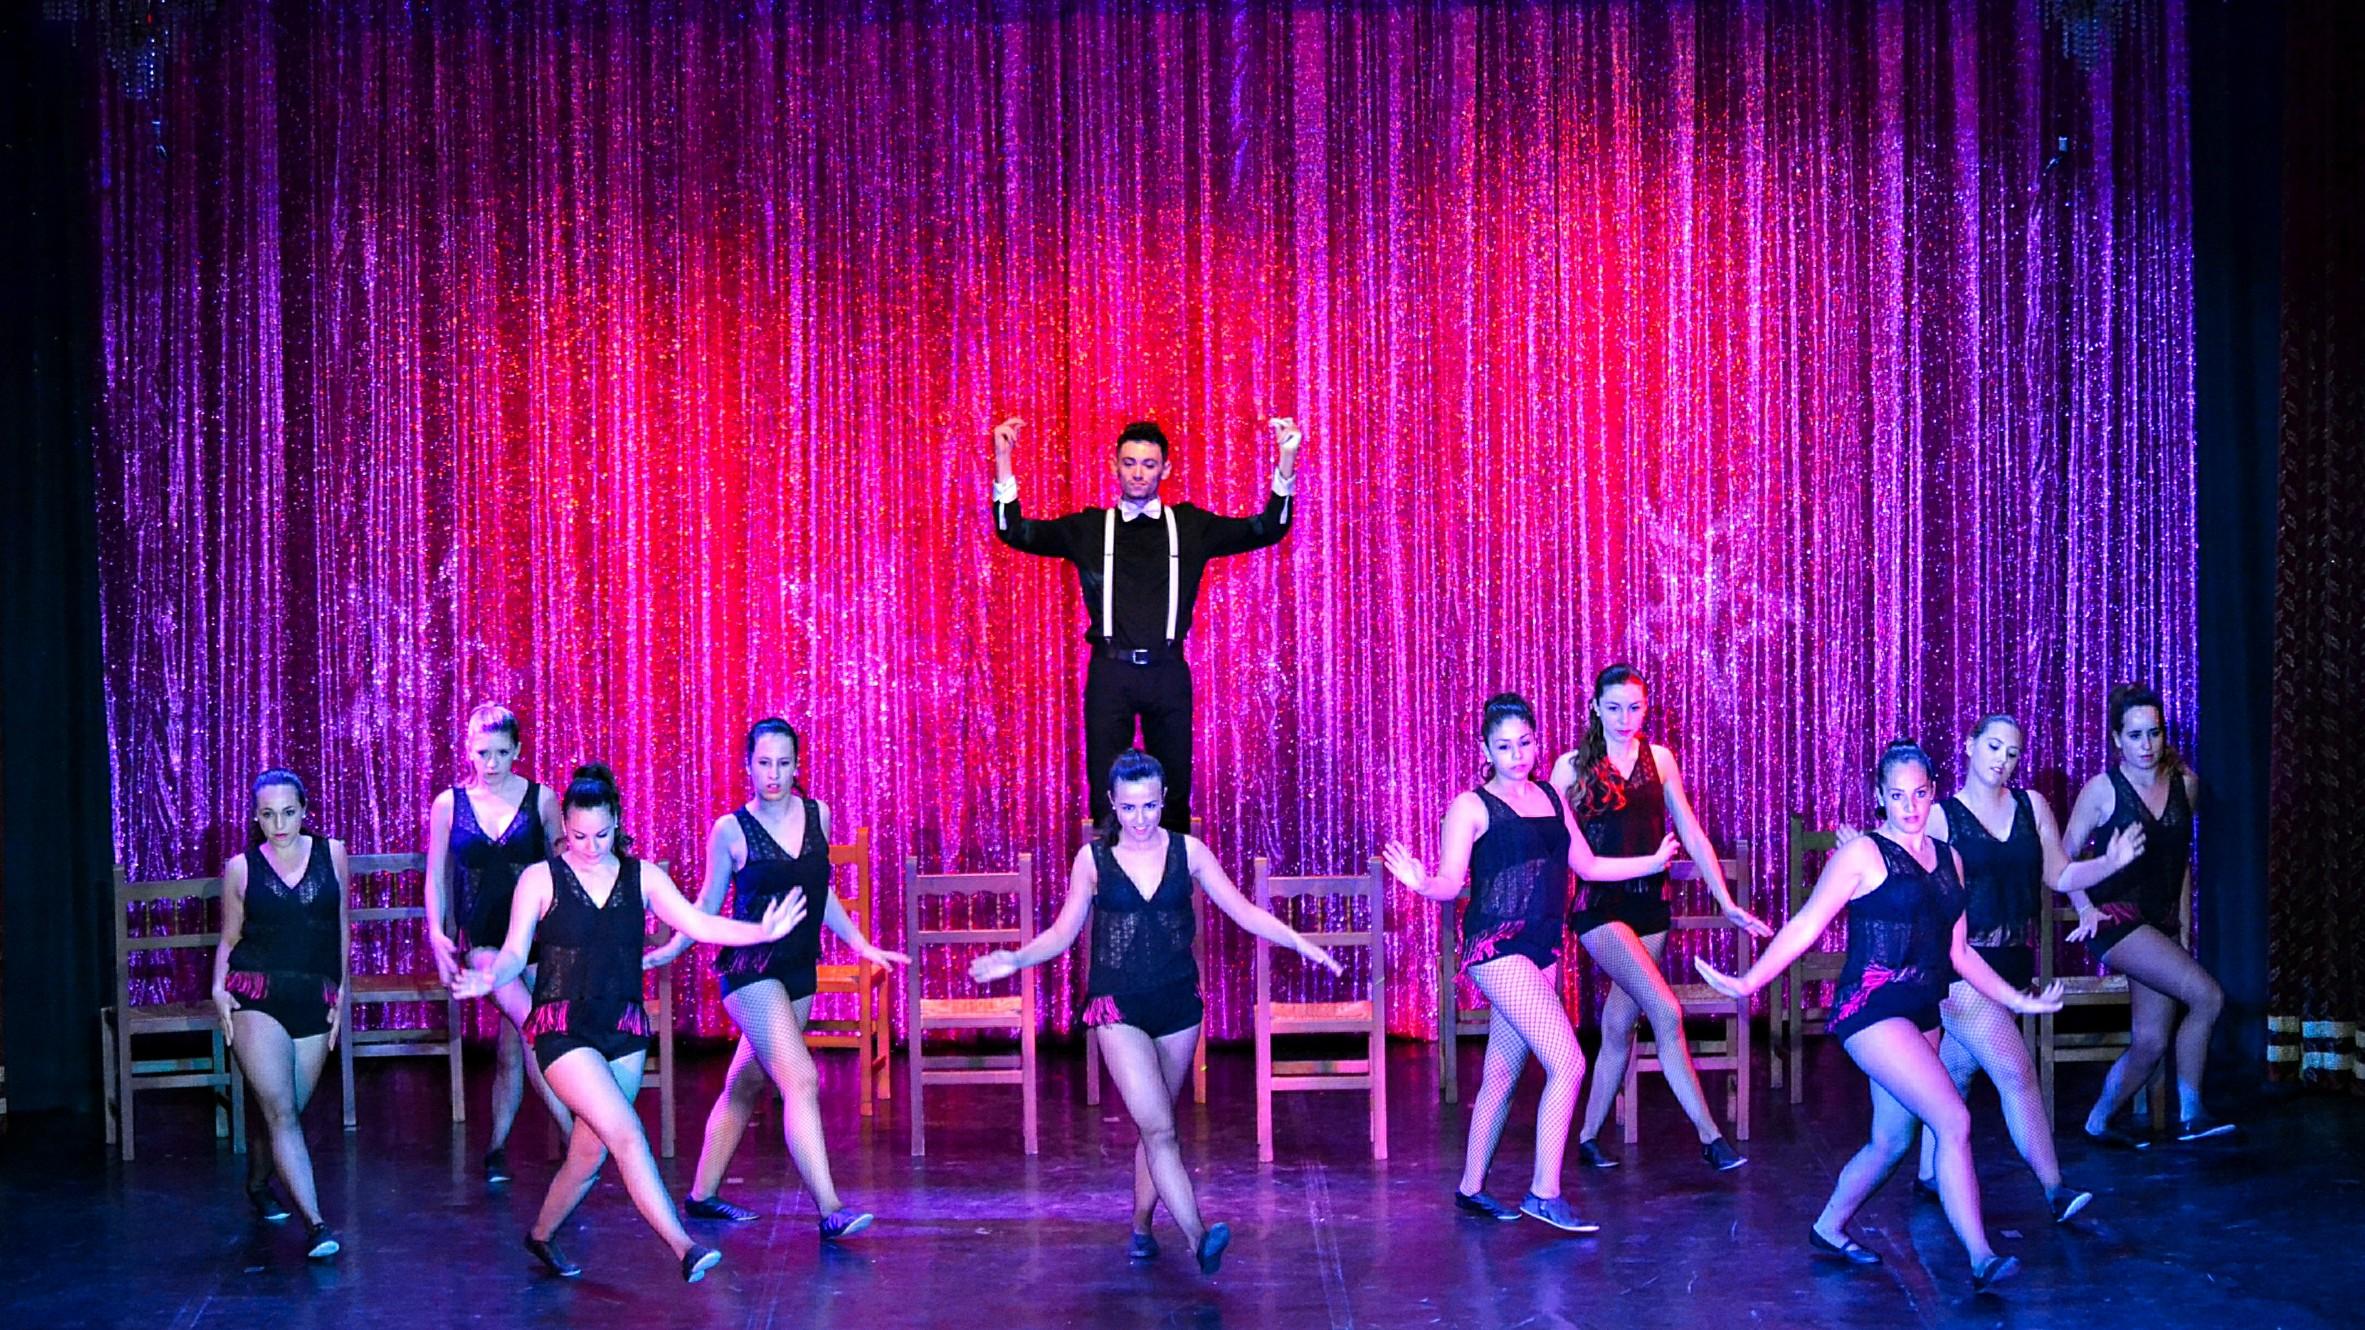 Linea-de-Baile-festival-verano-2015-clases-de-baile-valencia-72